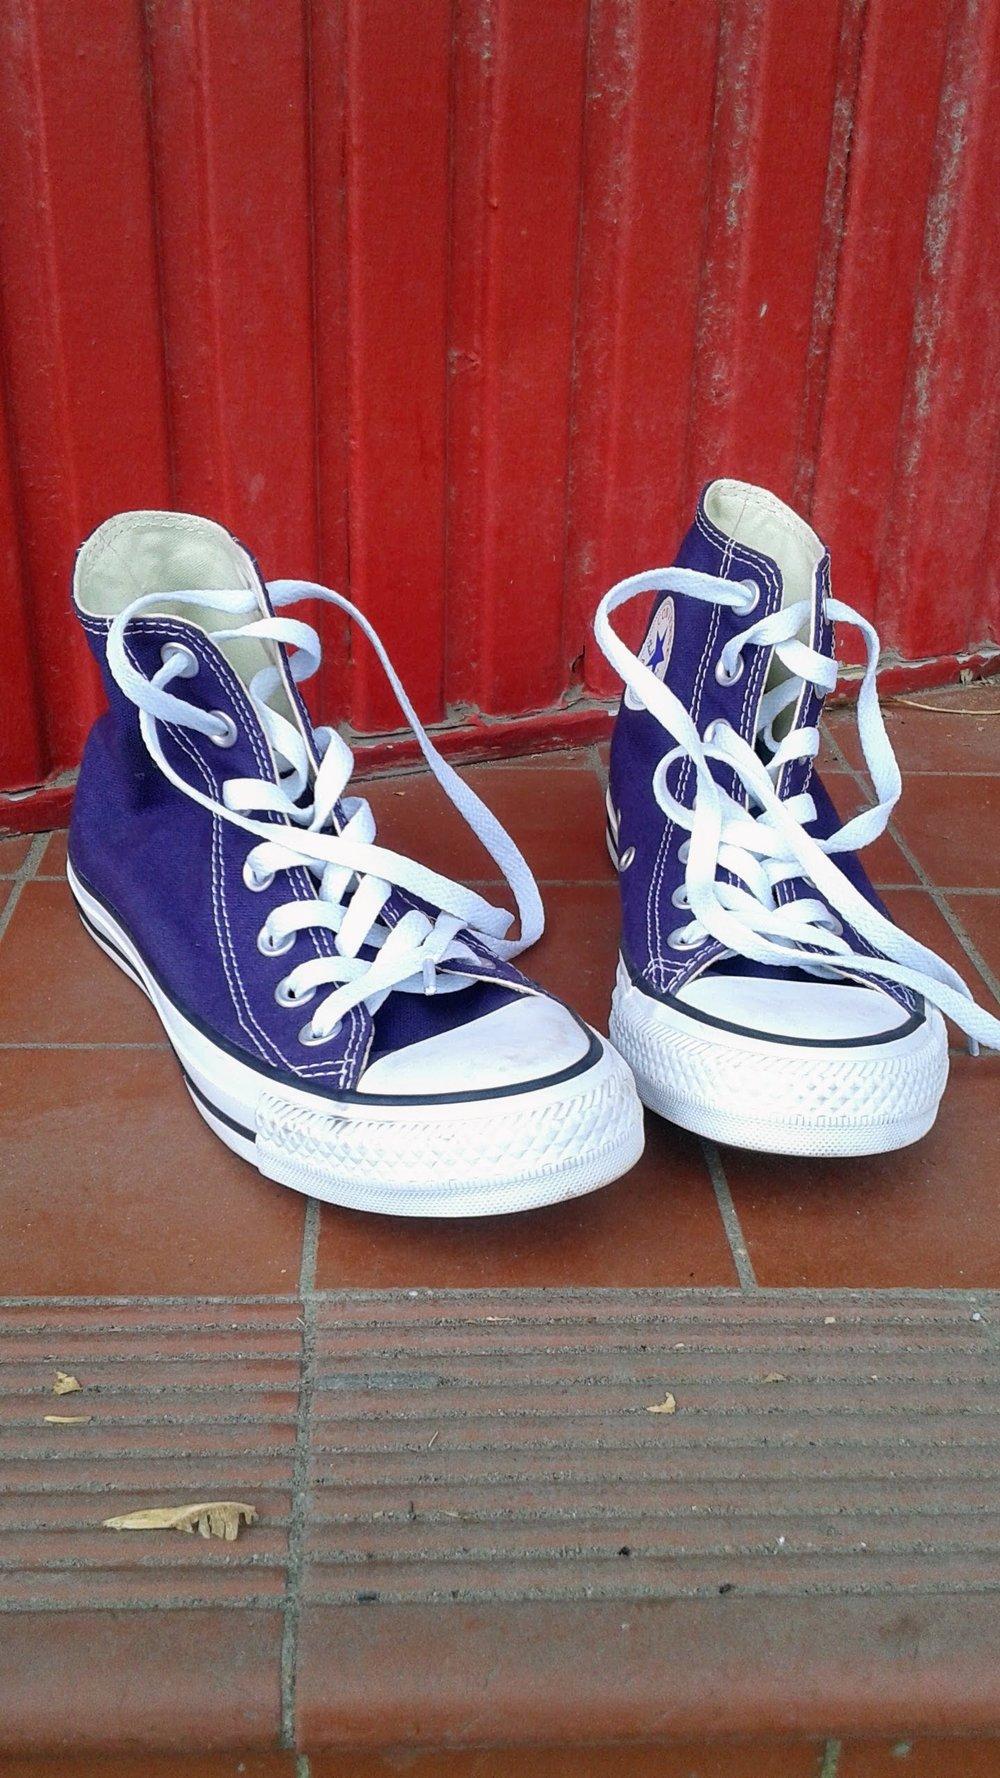 Converse shoes; S6.5, $34